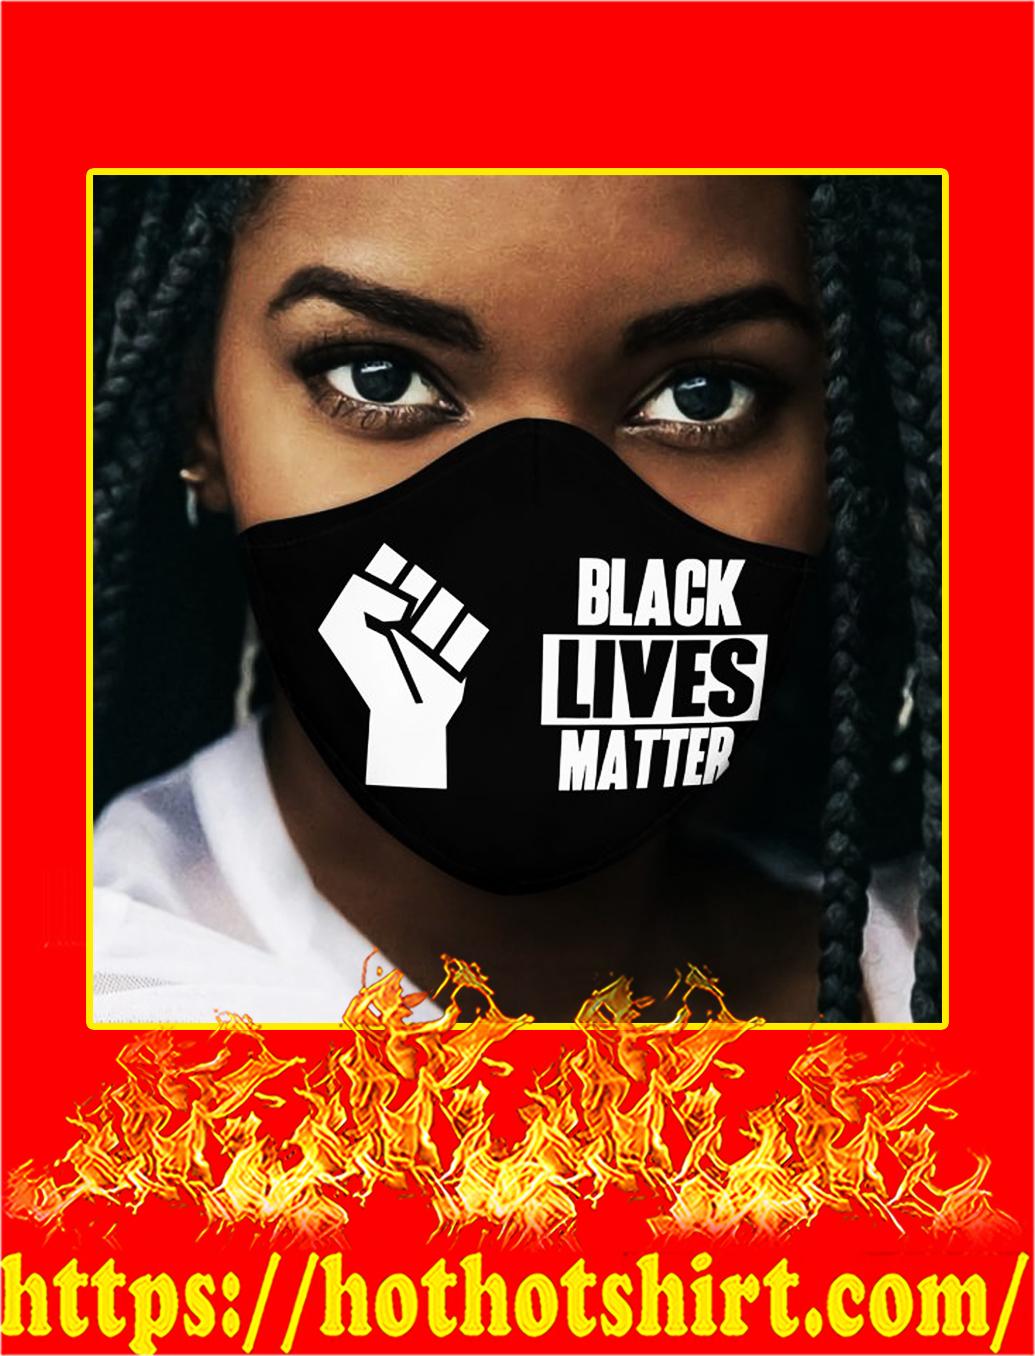 Black lives matter 3d face mask- pic 1